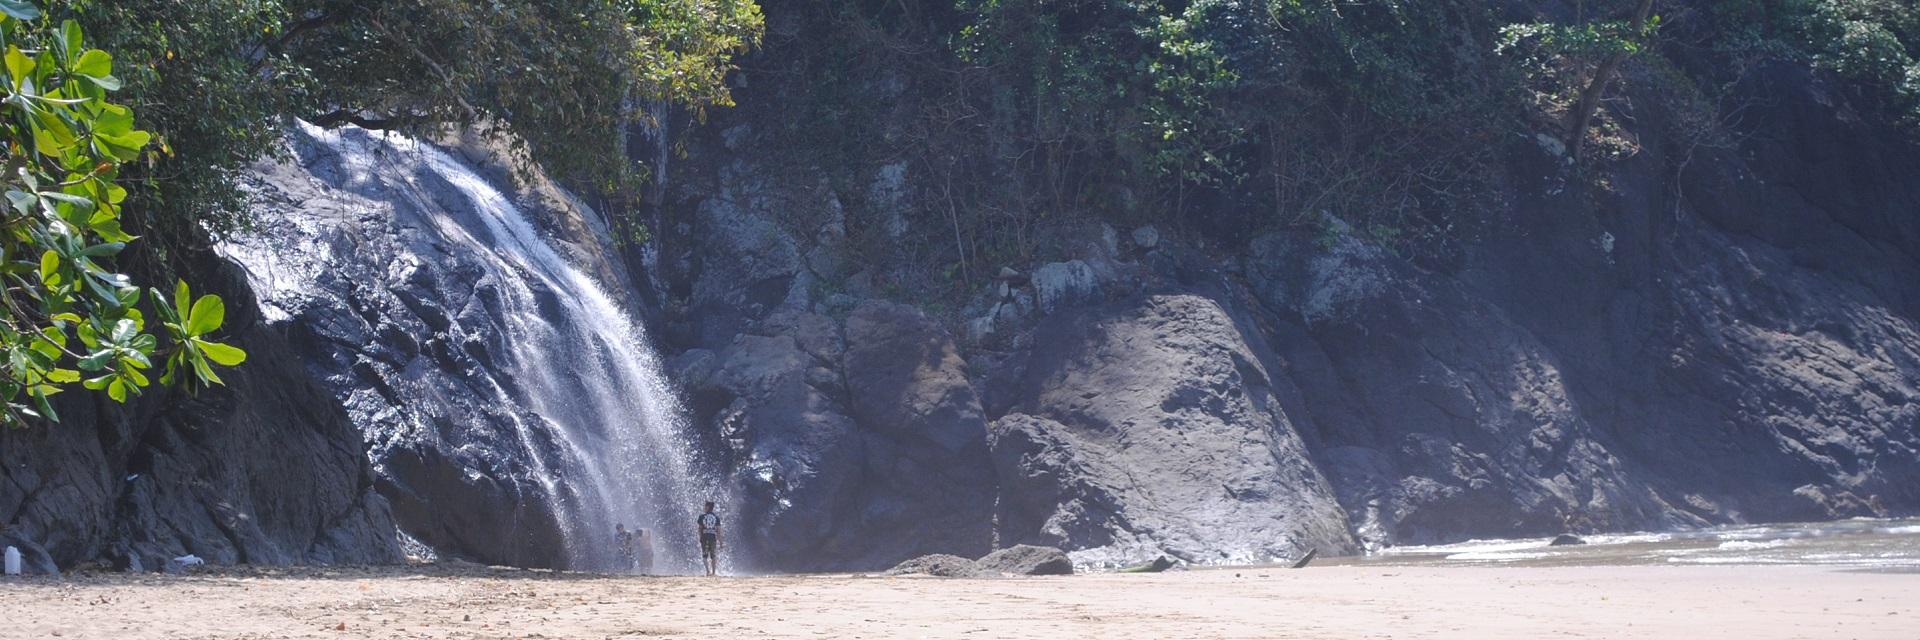 9 Hal Penting dan Menarik tentang Pantai Banyu Anjlok di Malang